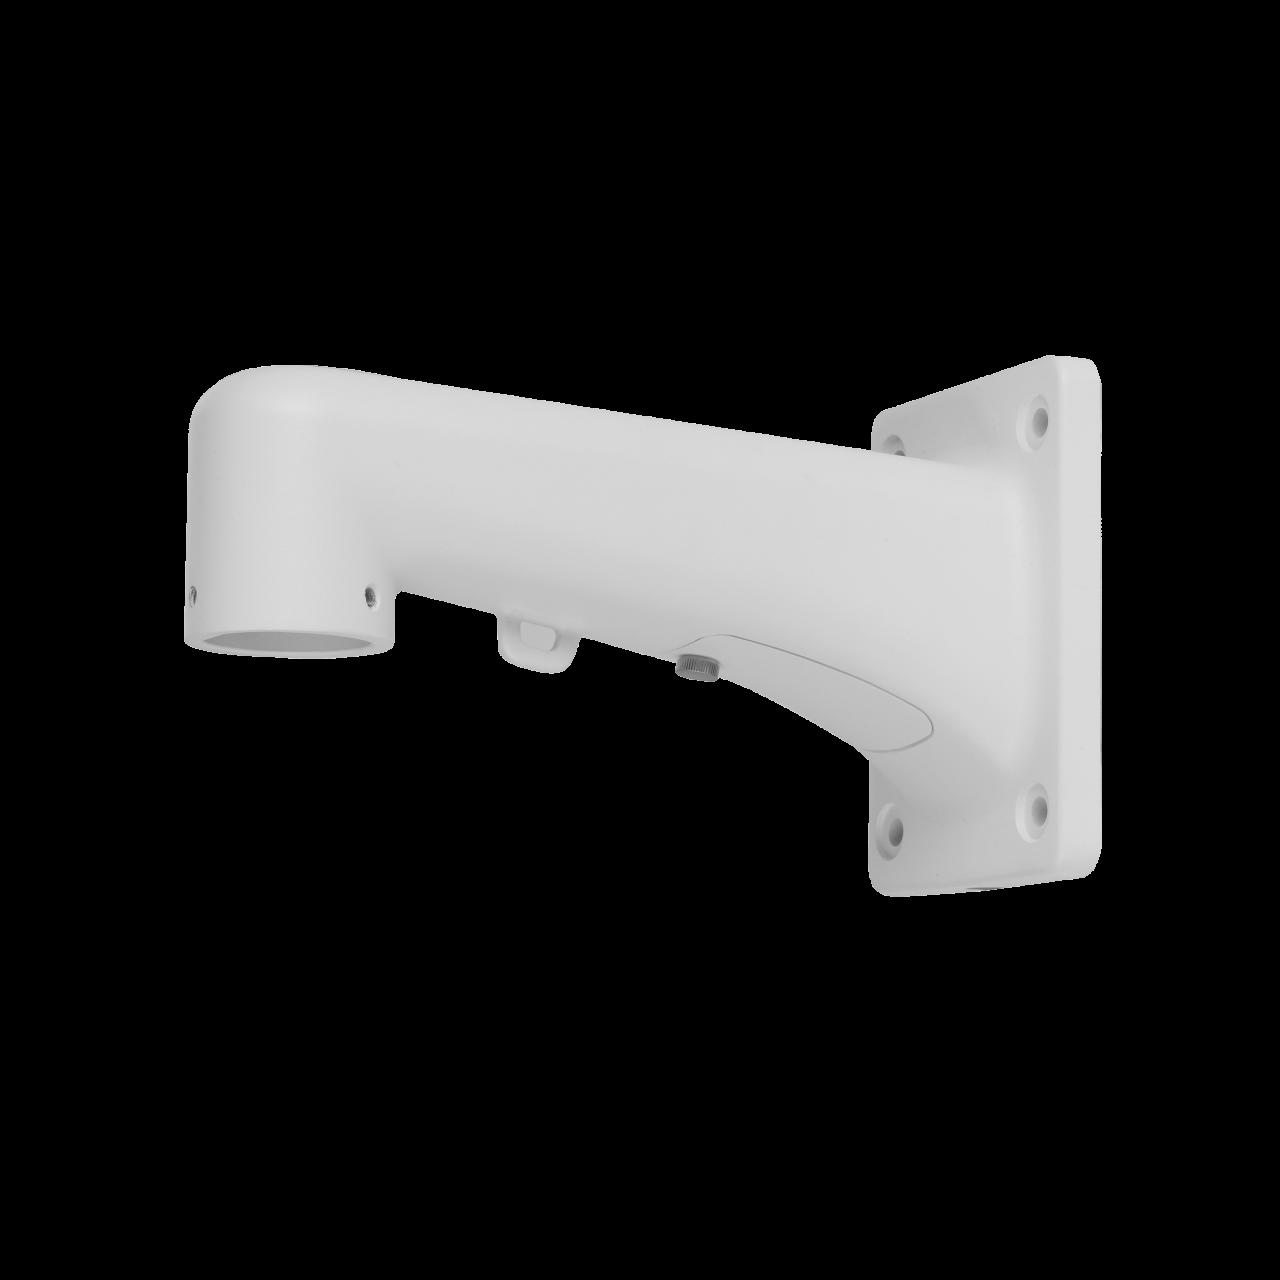 Wandhalterung für alle Dome Kameras mit diversen Kamerahalterungen, für PTZ Kameras